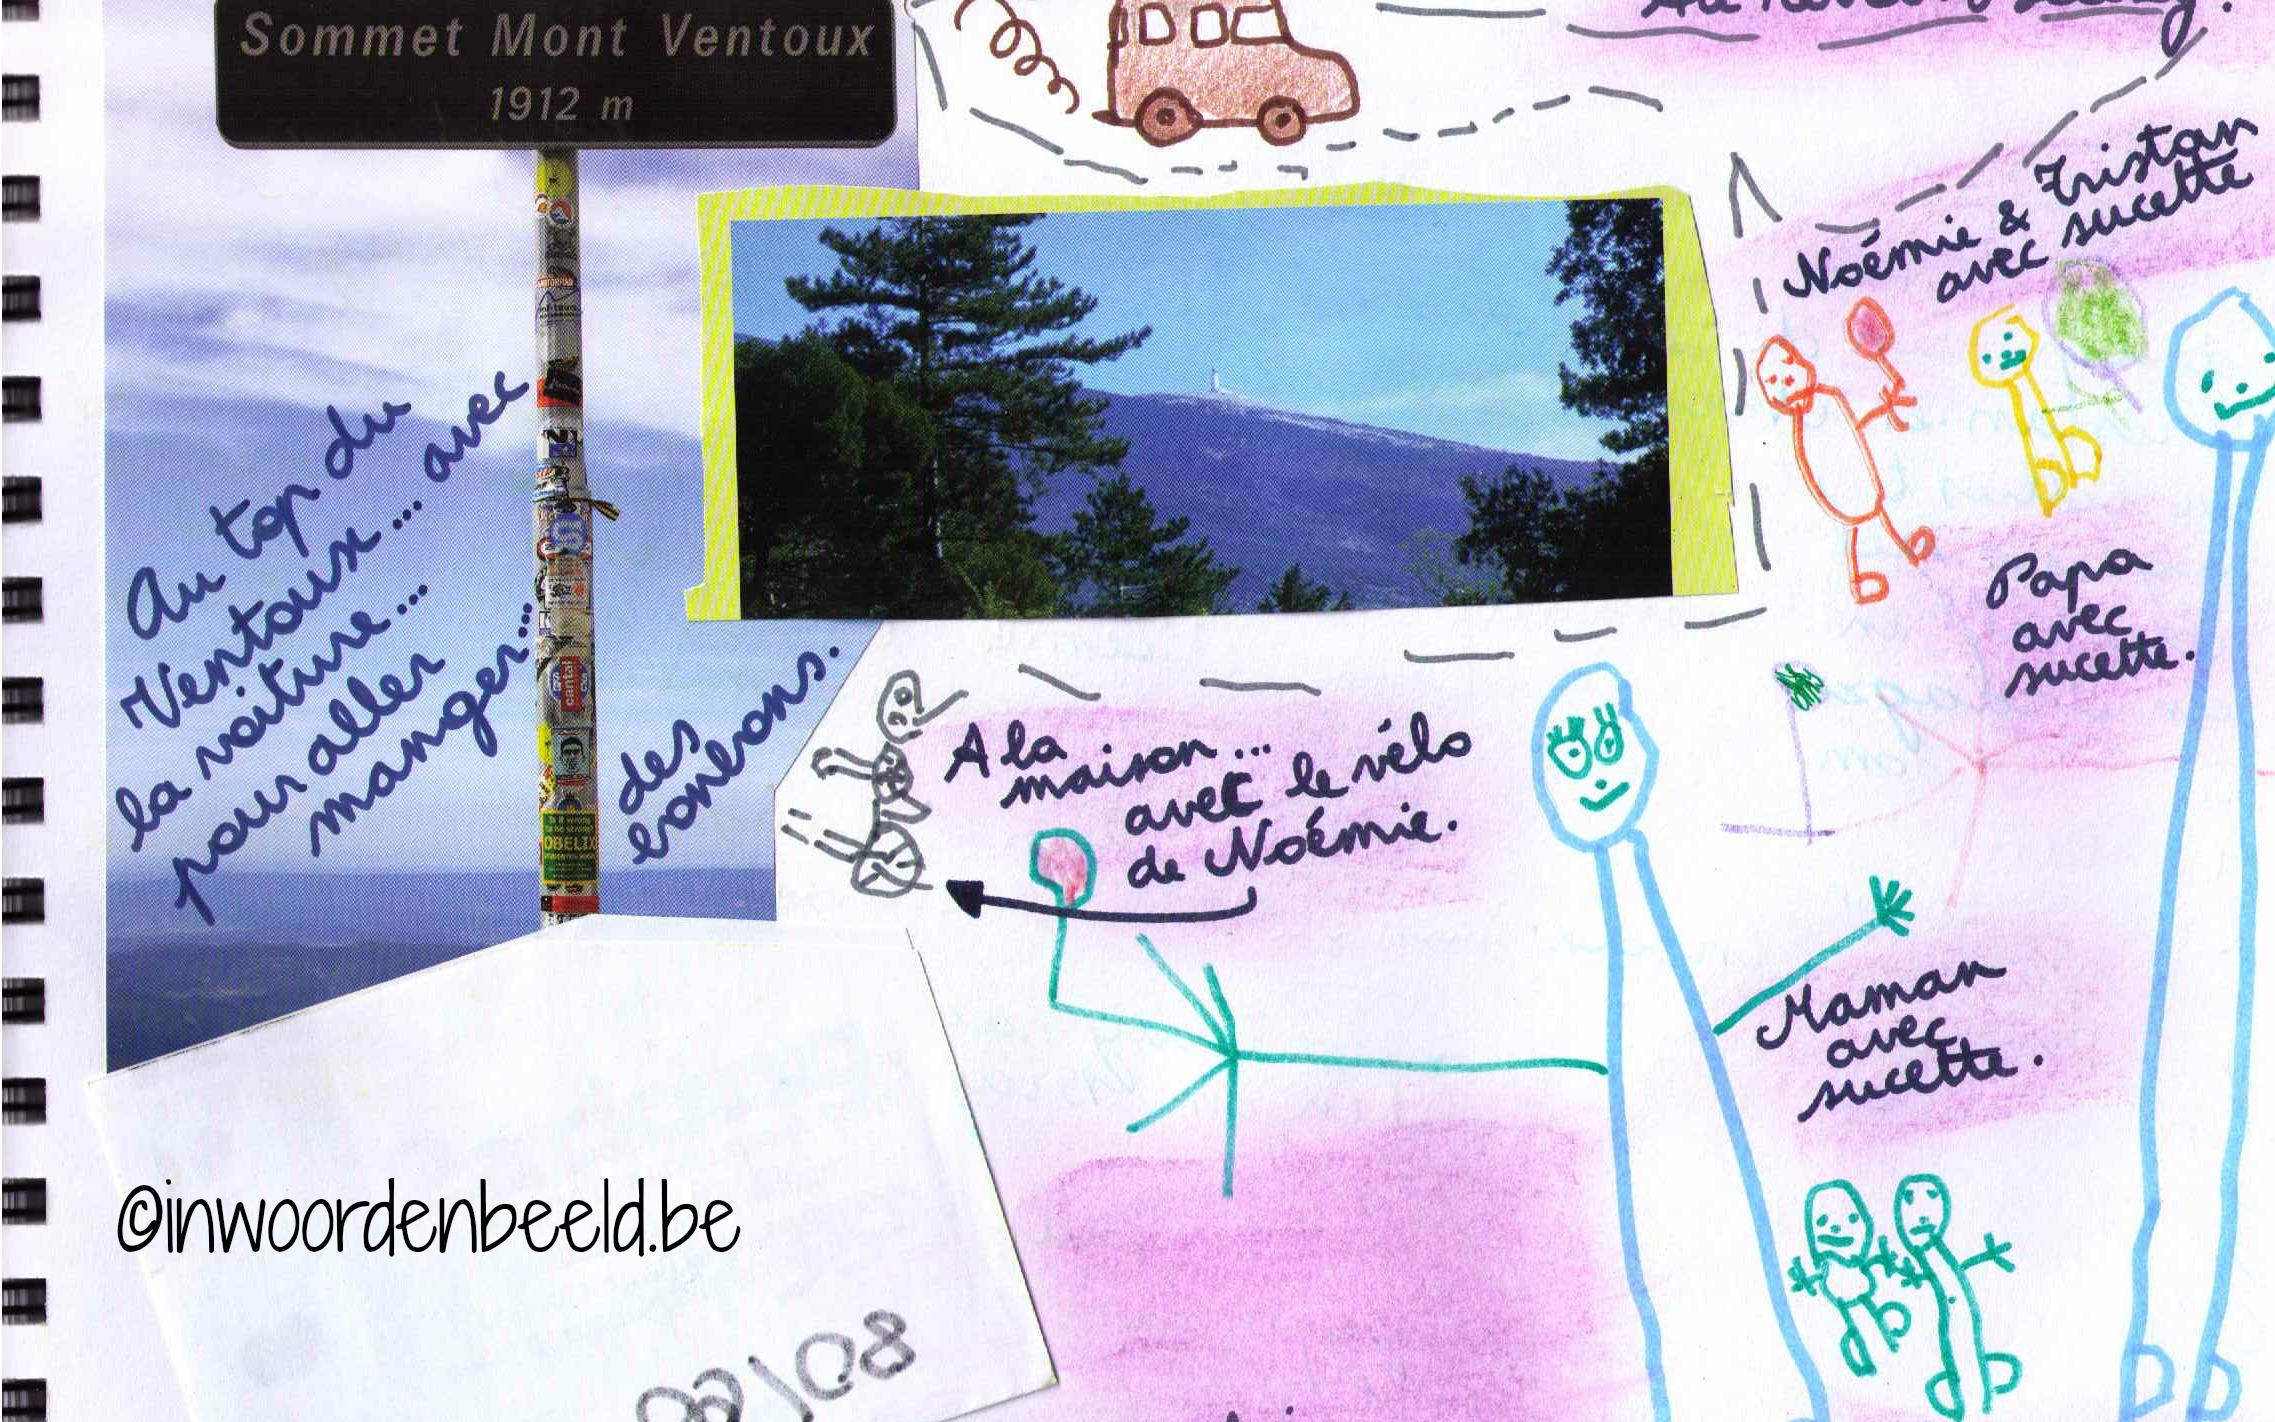 dagboekfragment noémie 01 bewerkt